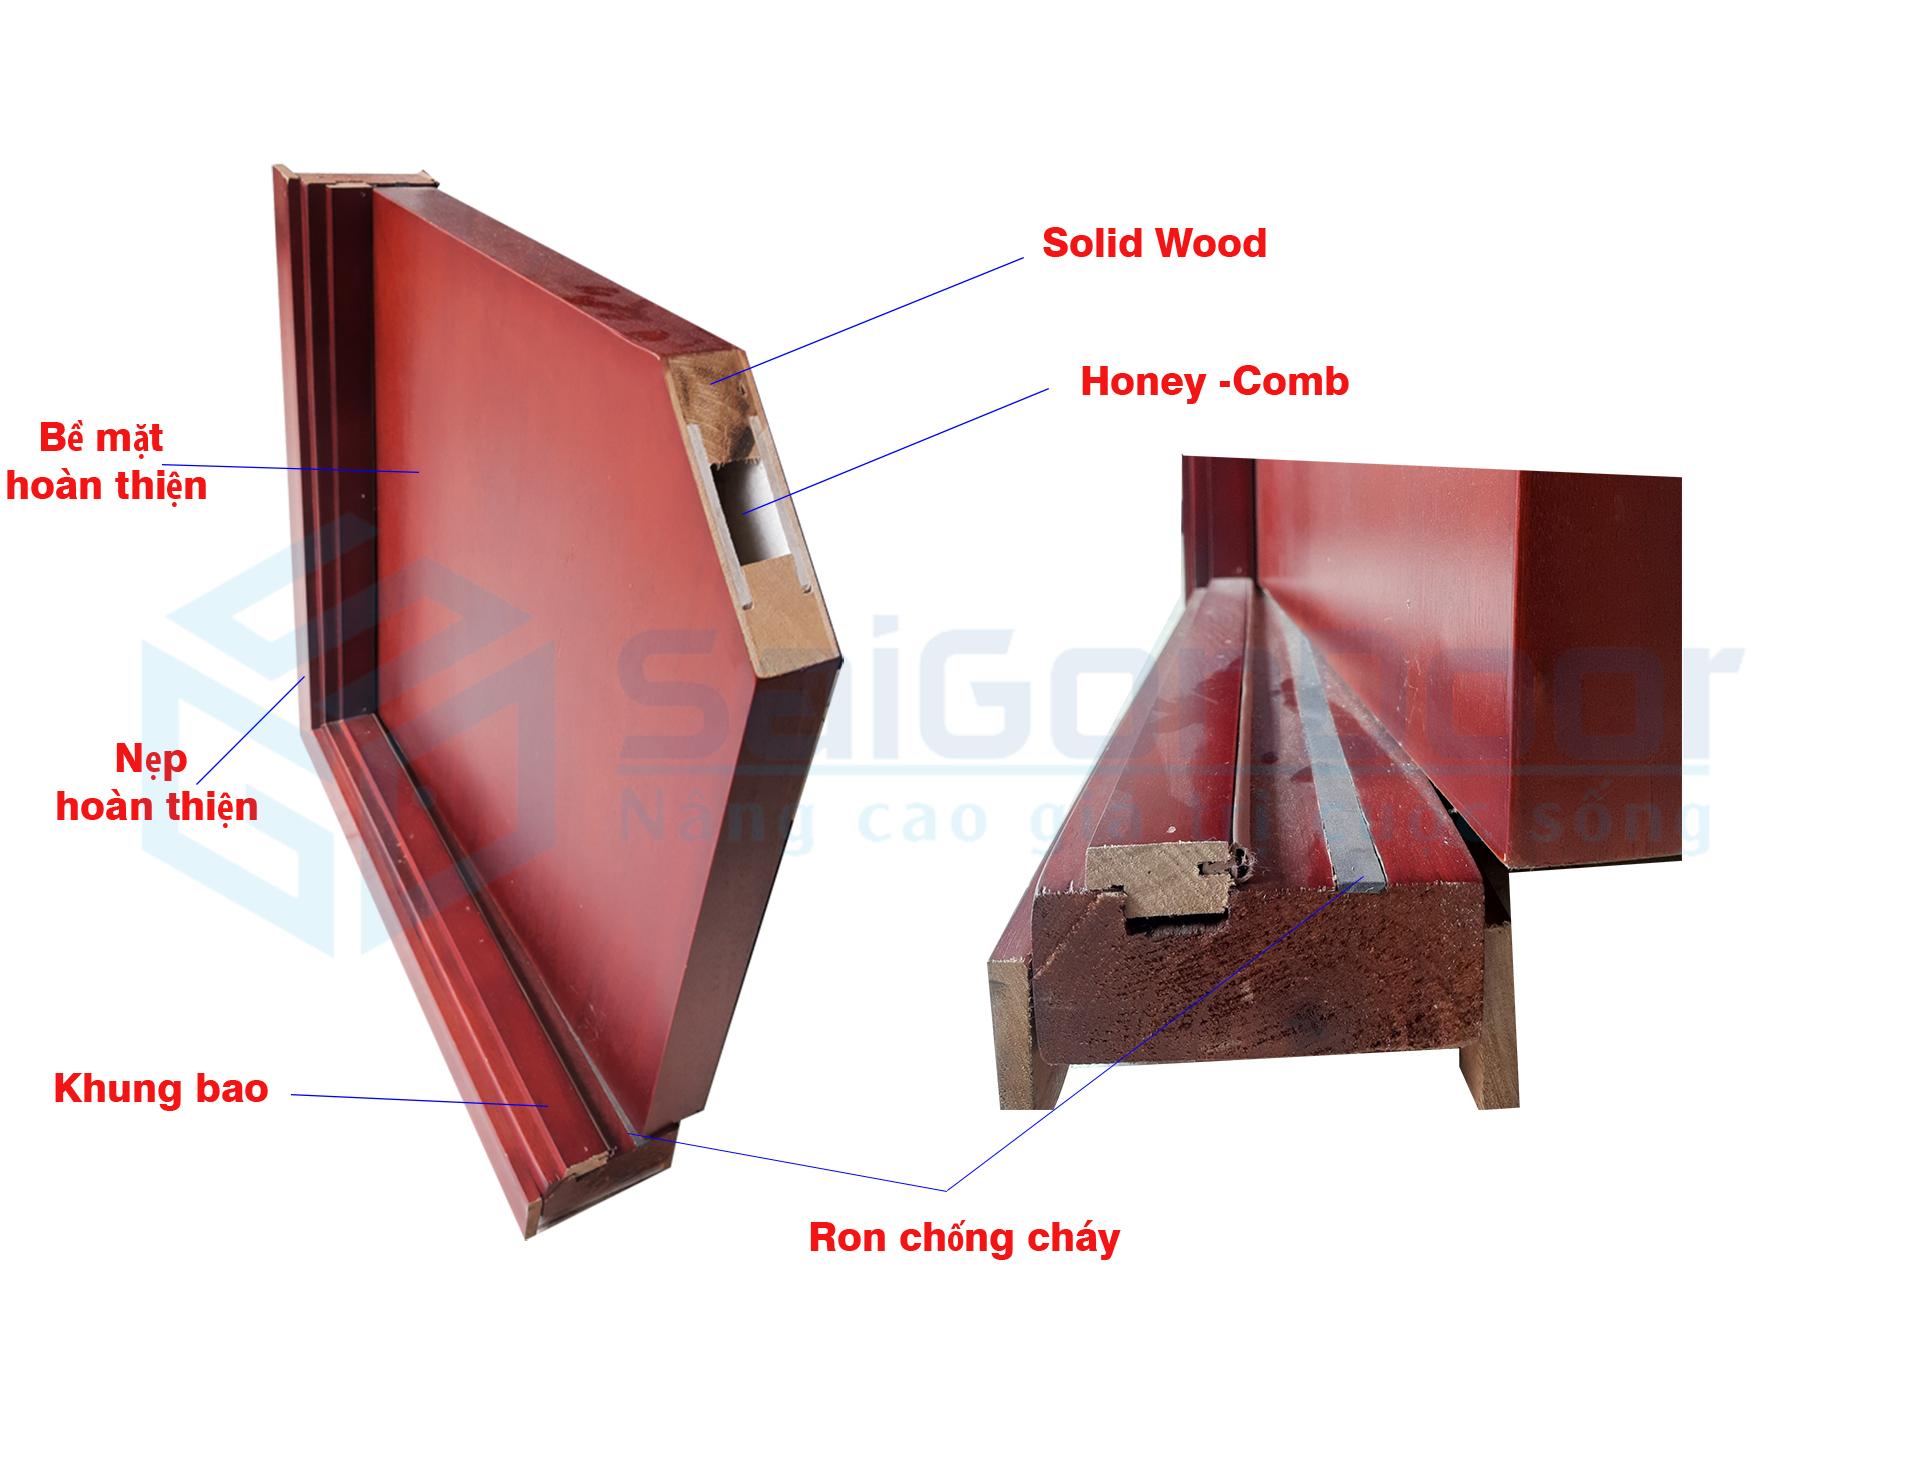 Mặt cắt cấu tạo cửa gỗ chống cháy